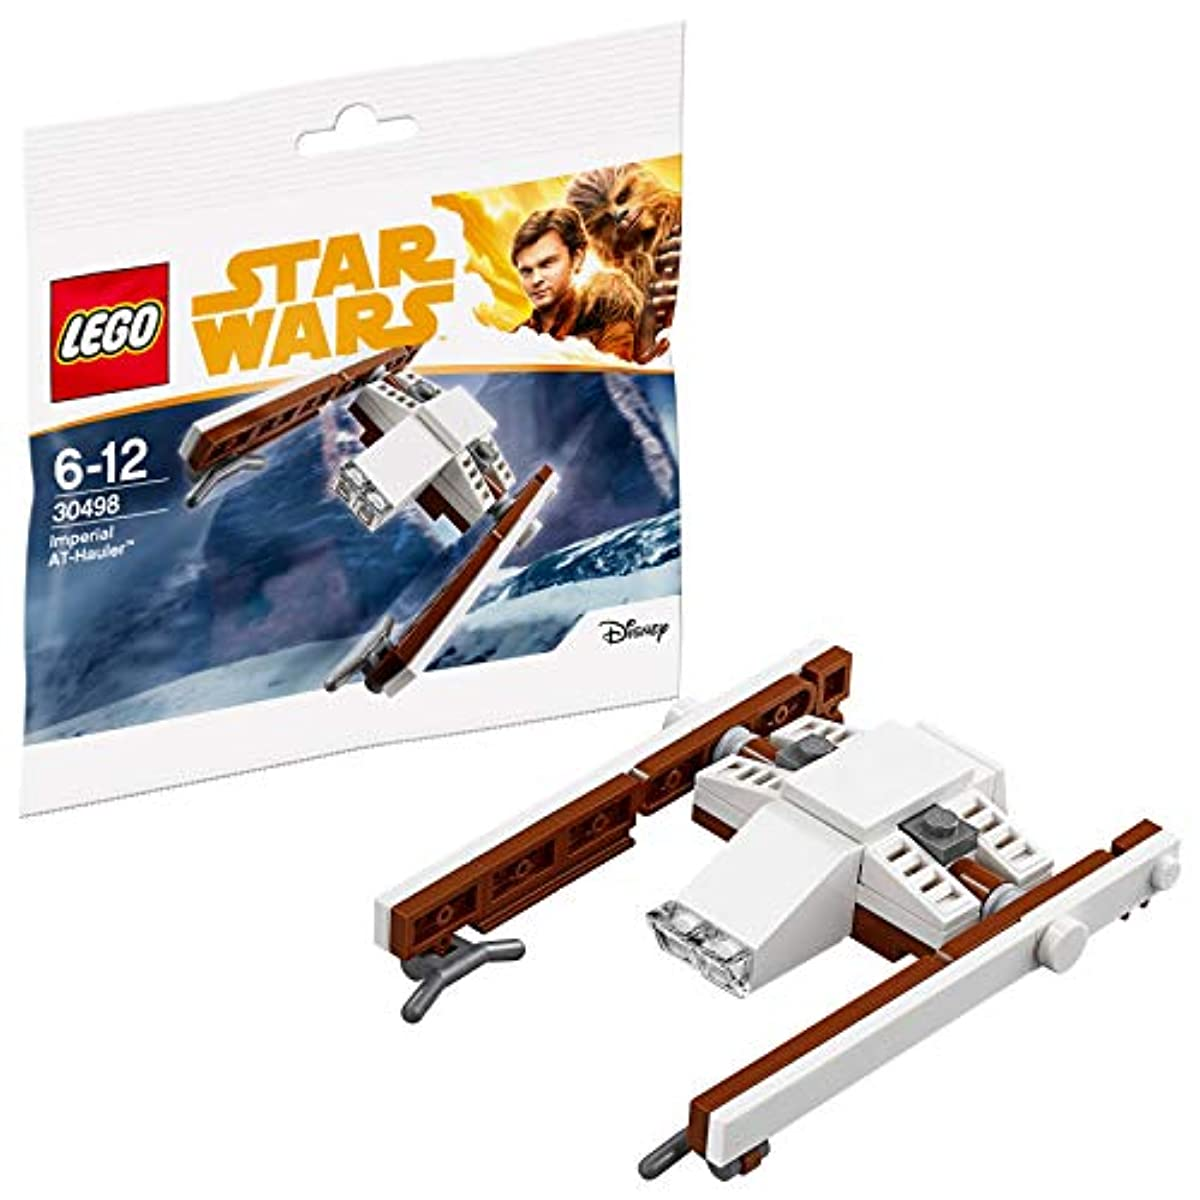 [해외] 레고(LEGO) 스타워즈 임페리얼 AThow 라 <미니 세트>